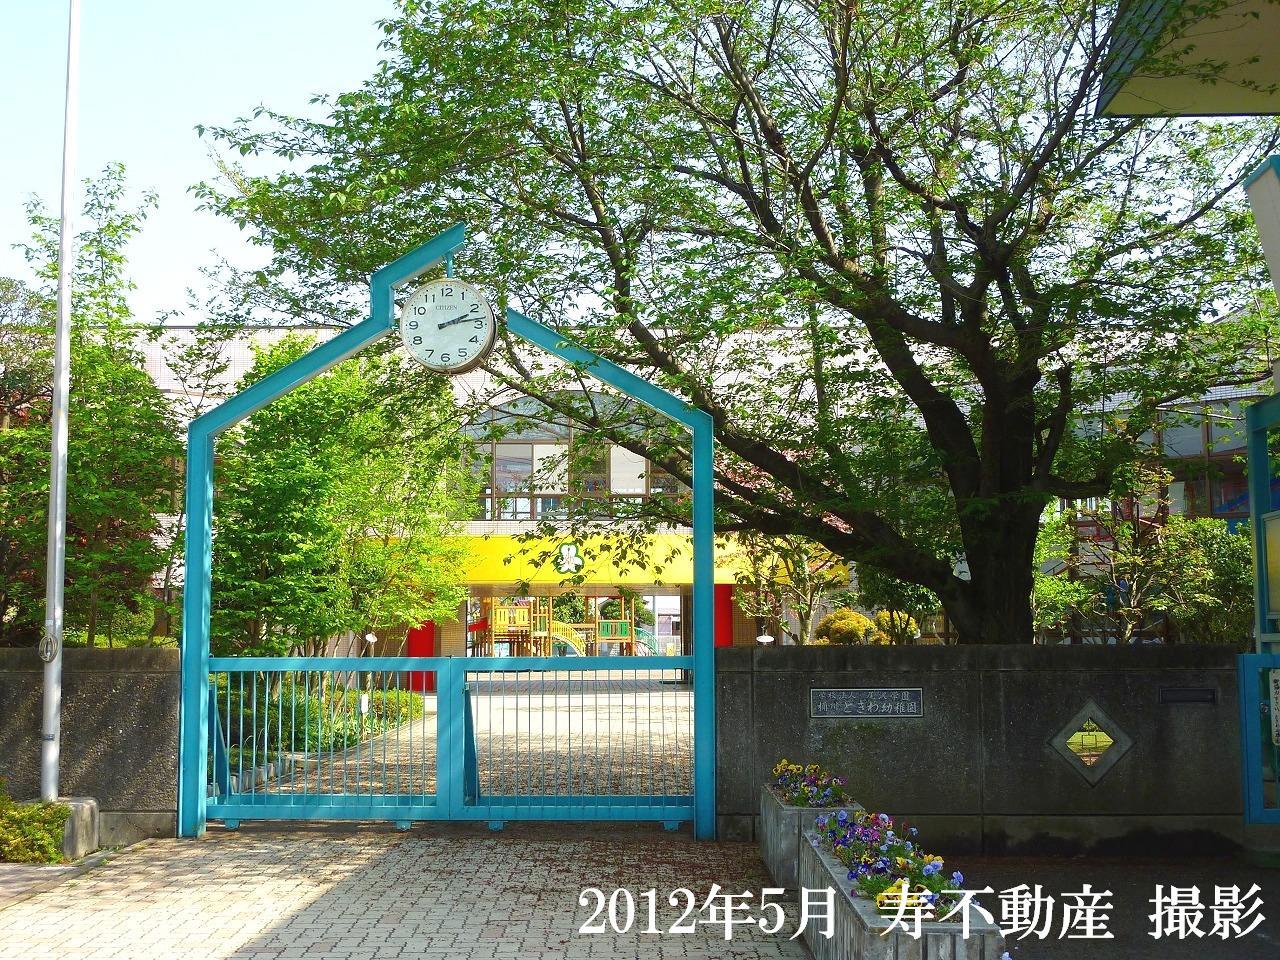 幼稚園・保育園 桶川ときわこども園(幼稚園・保育園)まで1043m